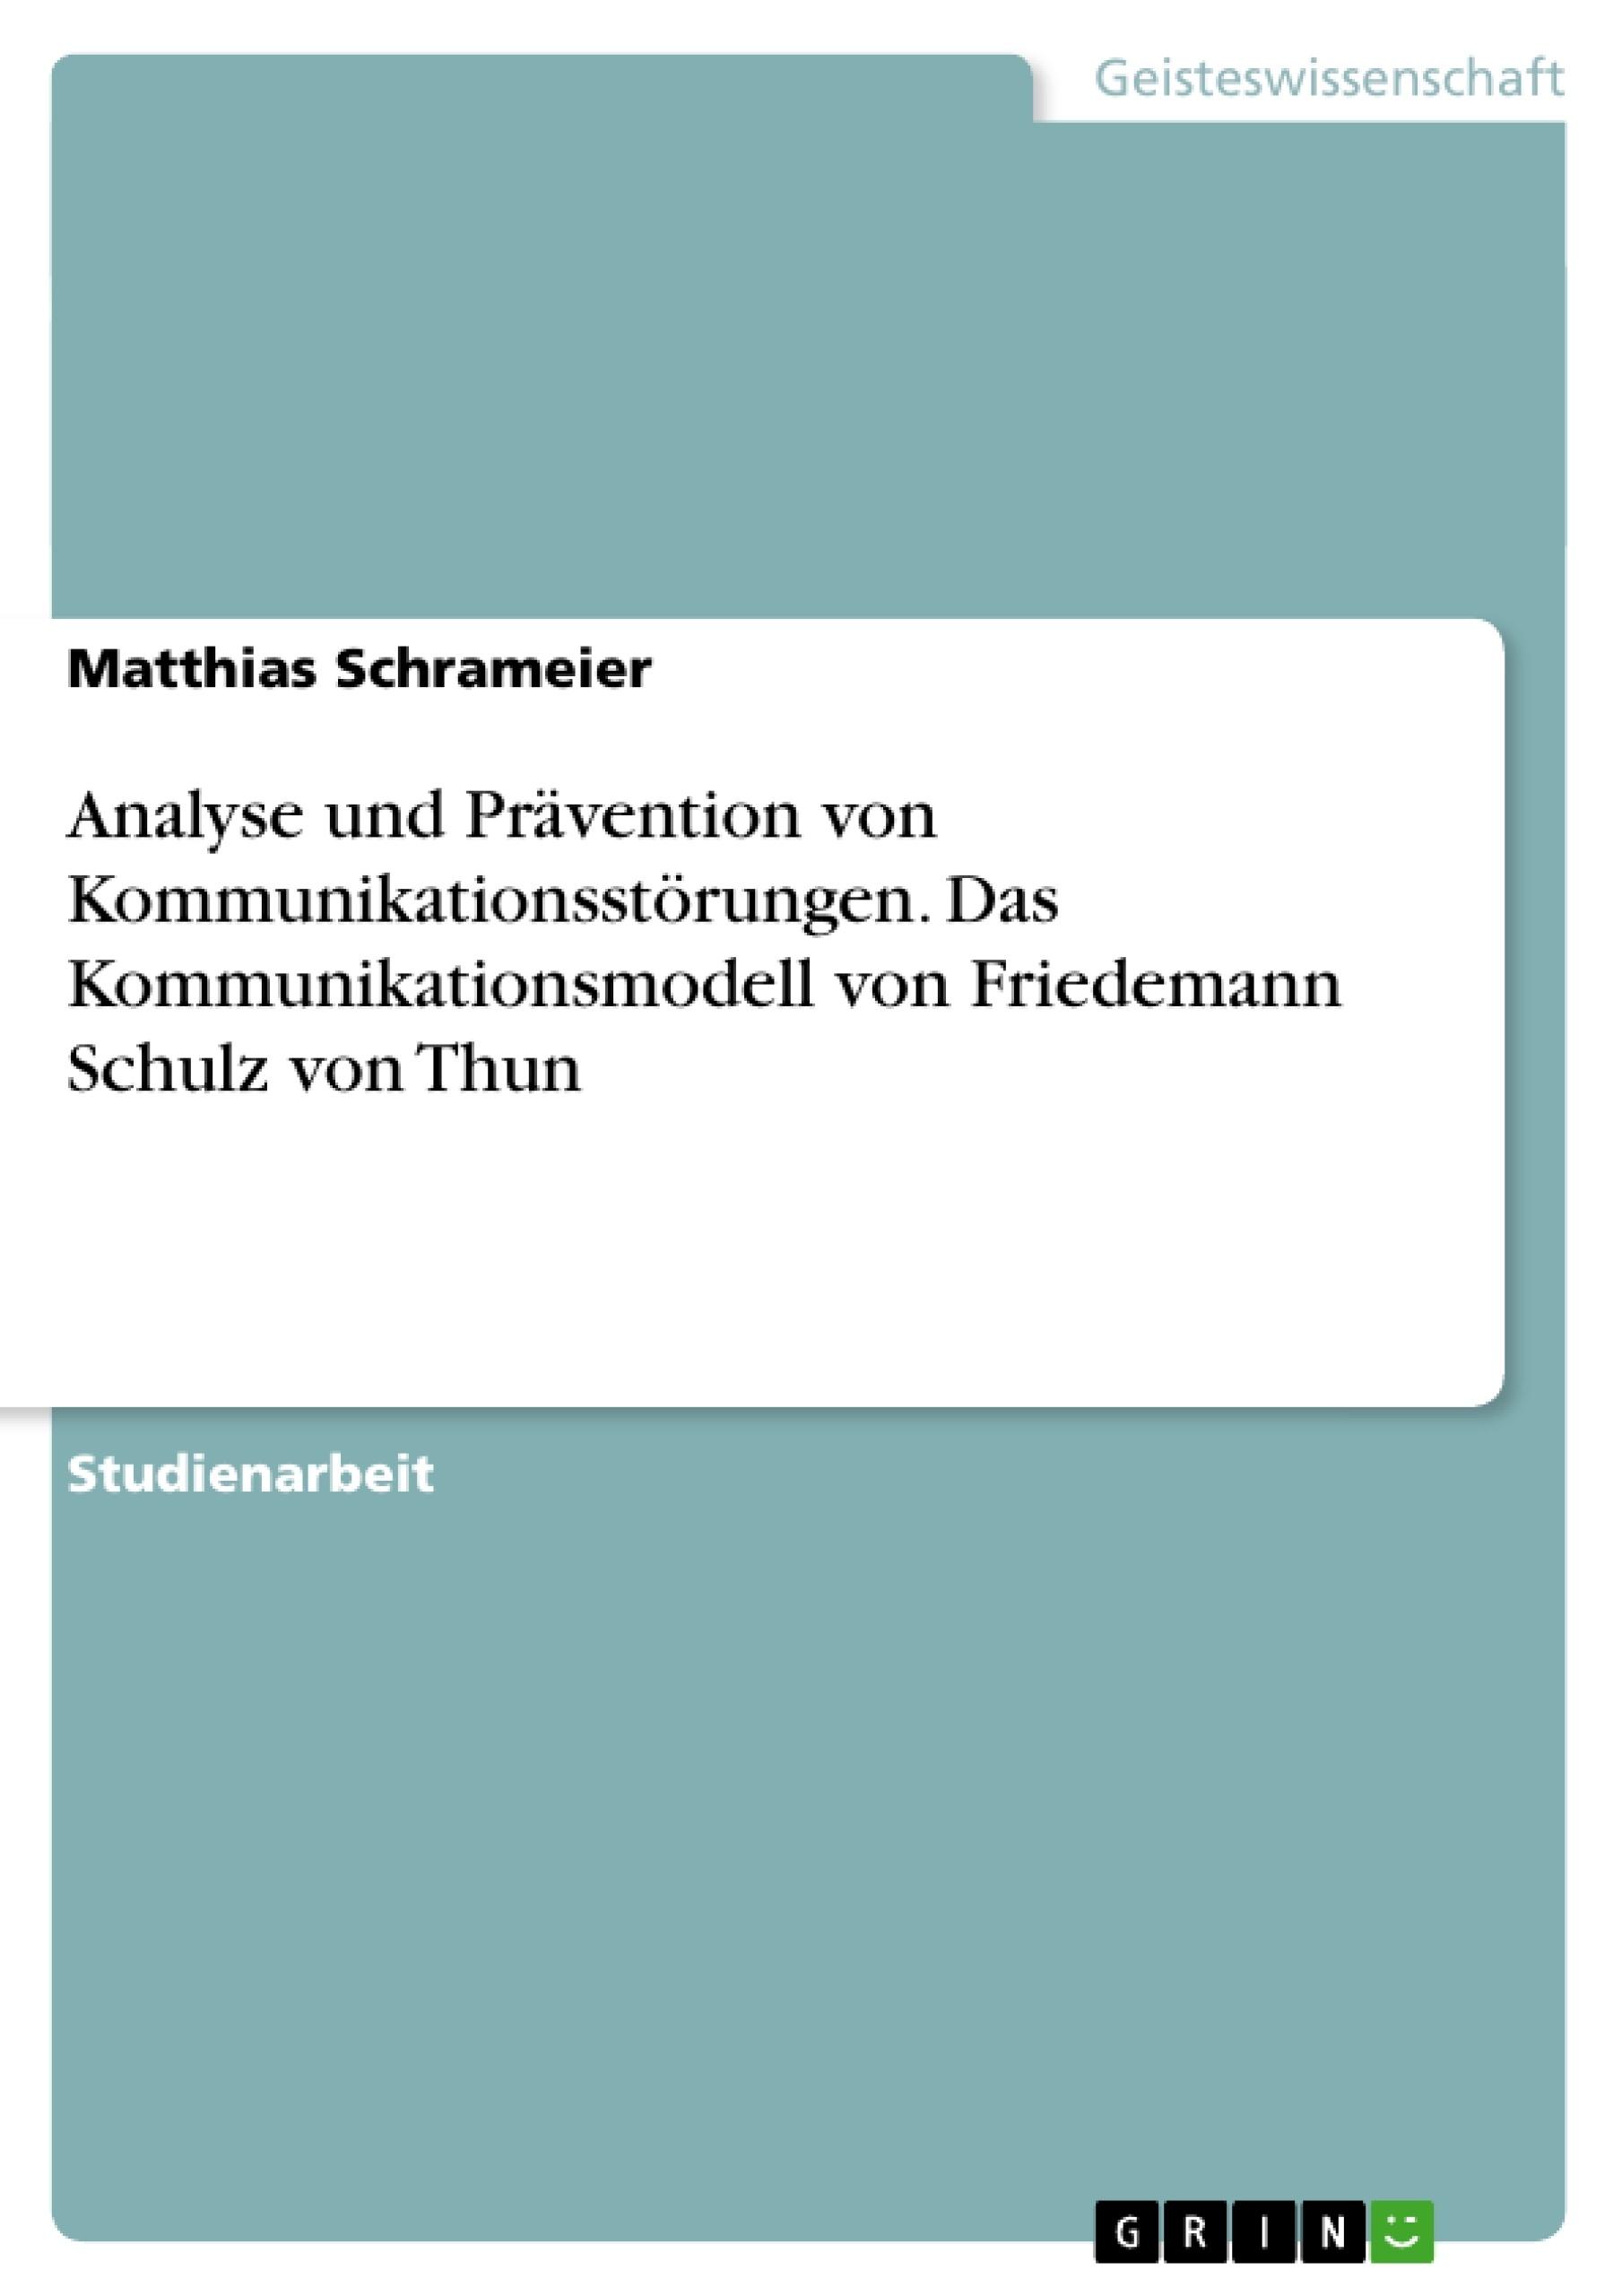 Titel: Analyse und Prävention von Kommunikationsstörungen. Das Kommunikationsmodell von Friedemann Schulz von Thun